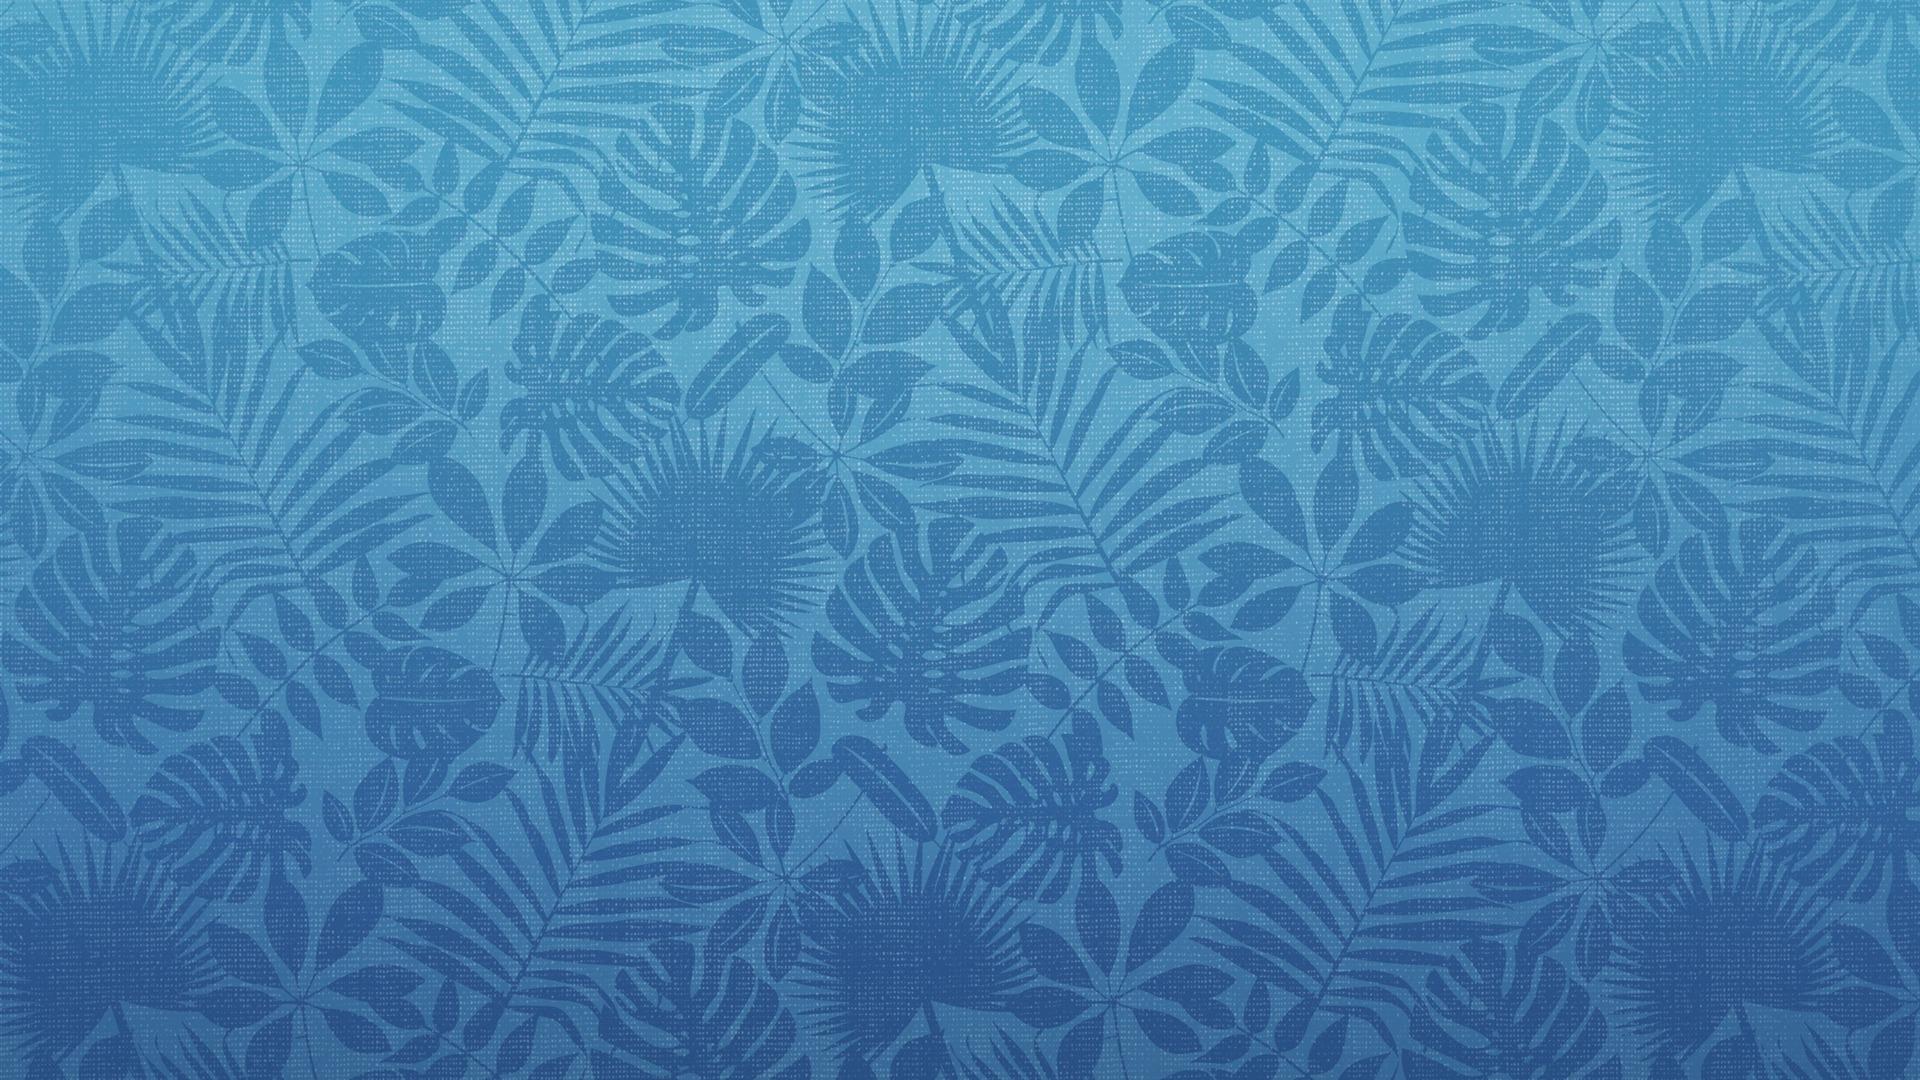 xubuntu wallpaper 1920x1080